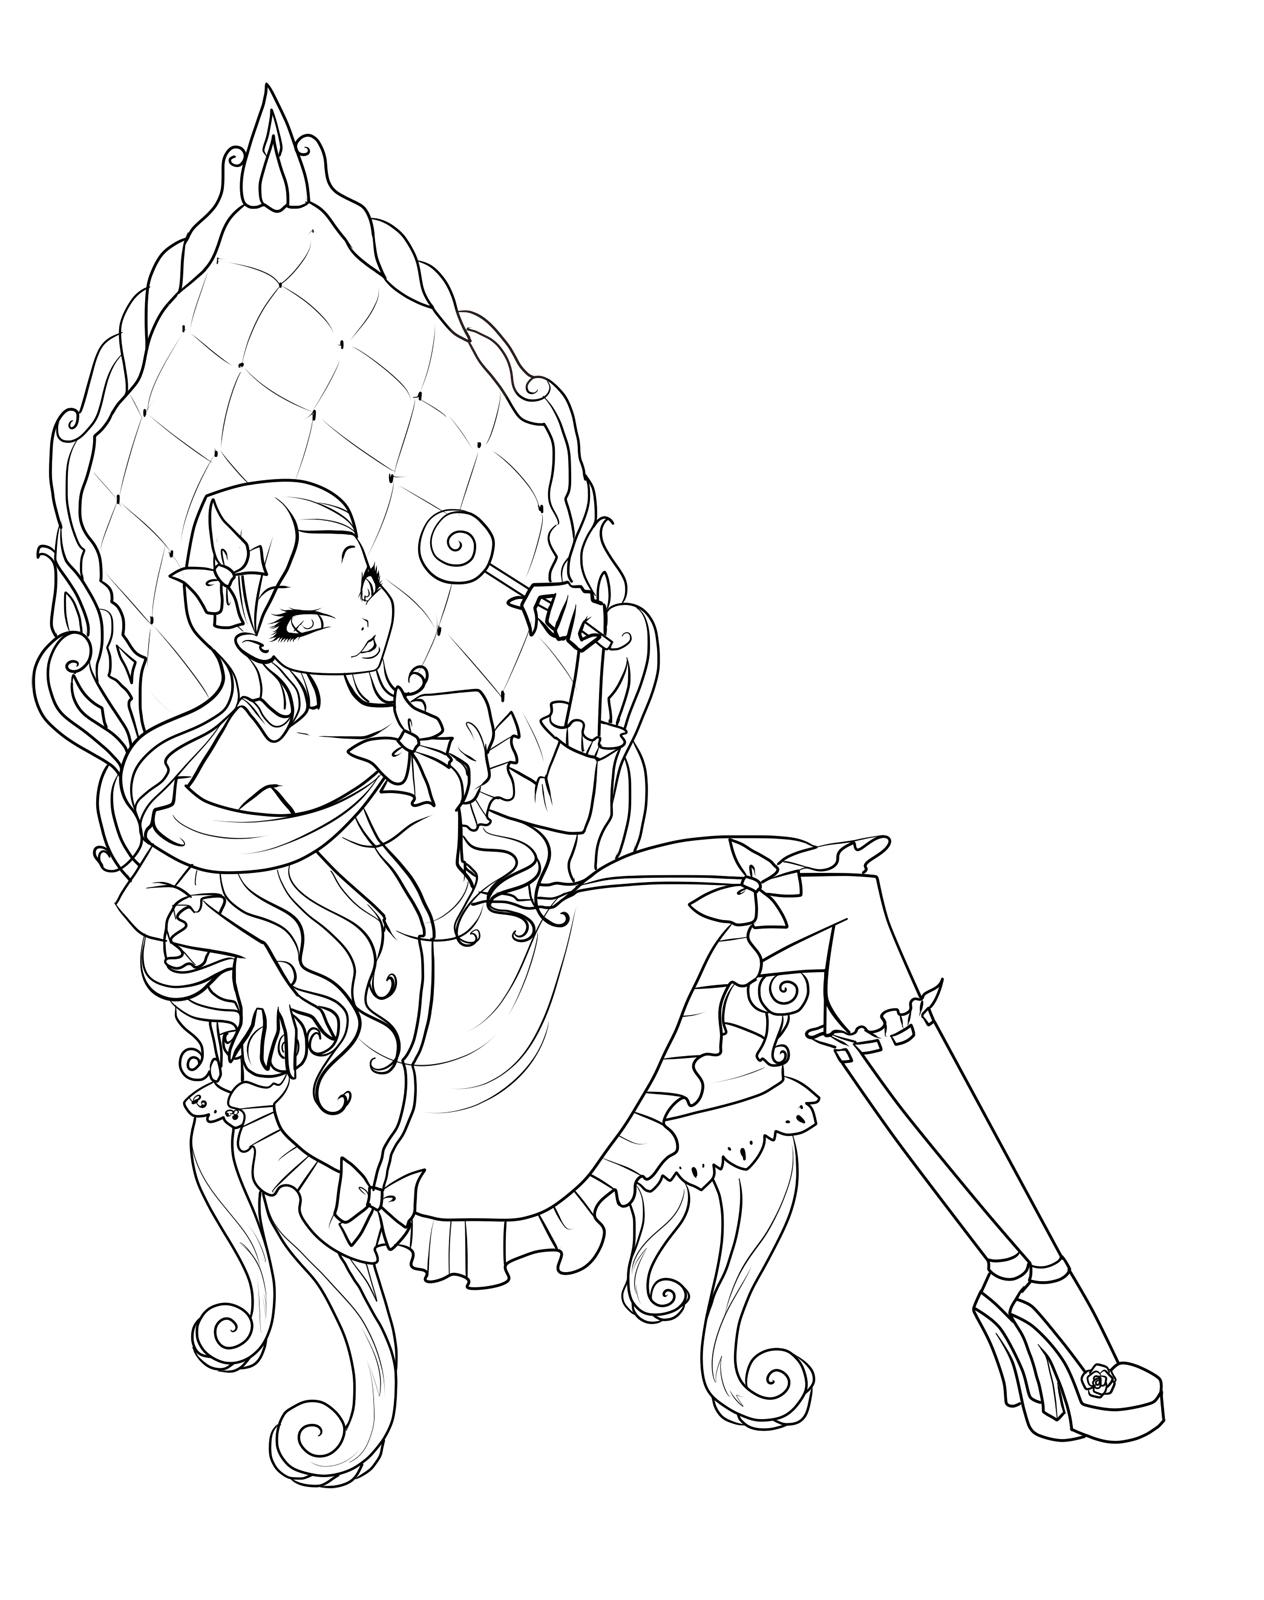 Раскраска Рокси лолита в кресле - Раскраски Винкс ...